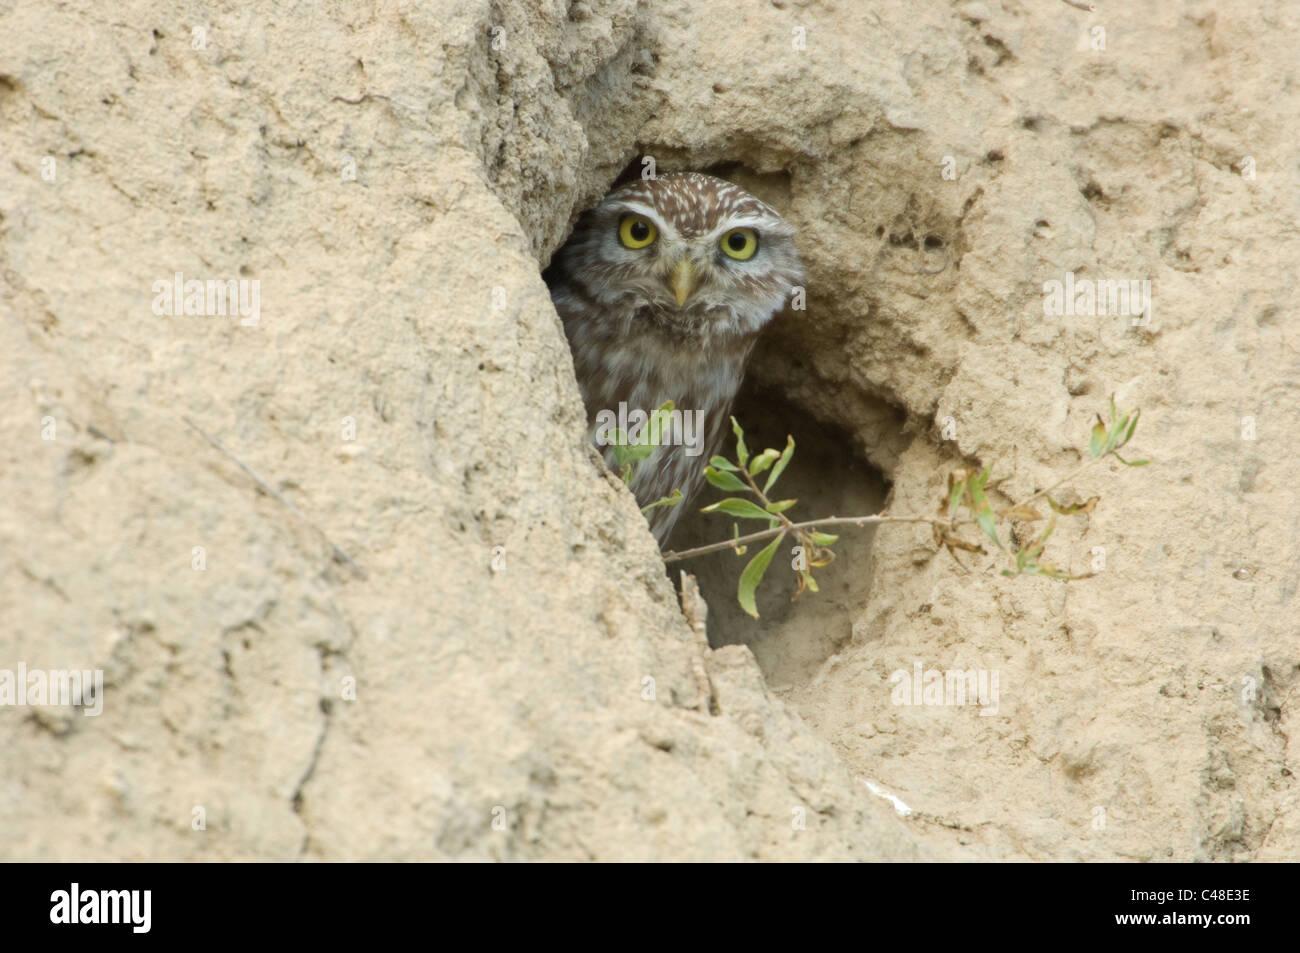 Steinkauz, Athene noctua, Little Owl, Pleven, Bulgarien, Bulgaria - Stock Image